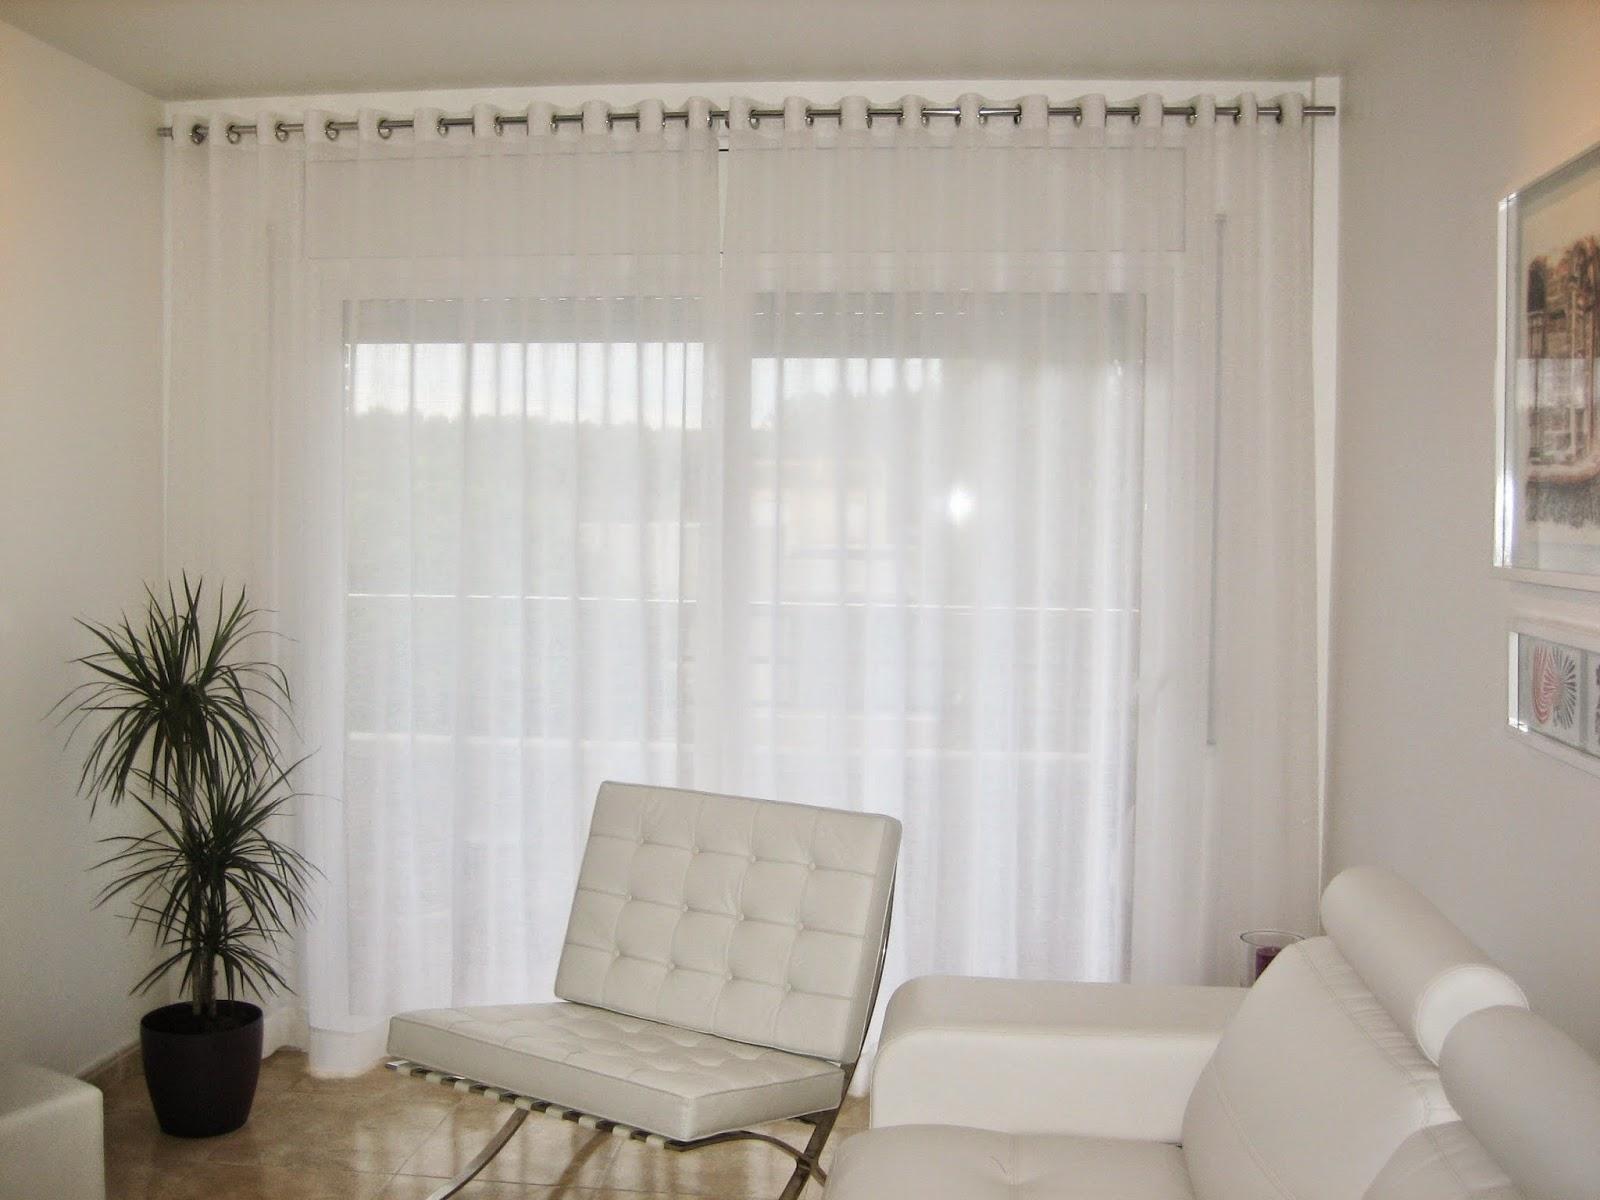 Casacomplements cortinas de ollaos pre confeccionadas for Ollaos para cortinas